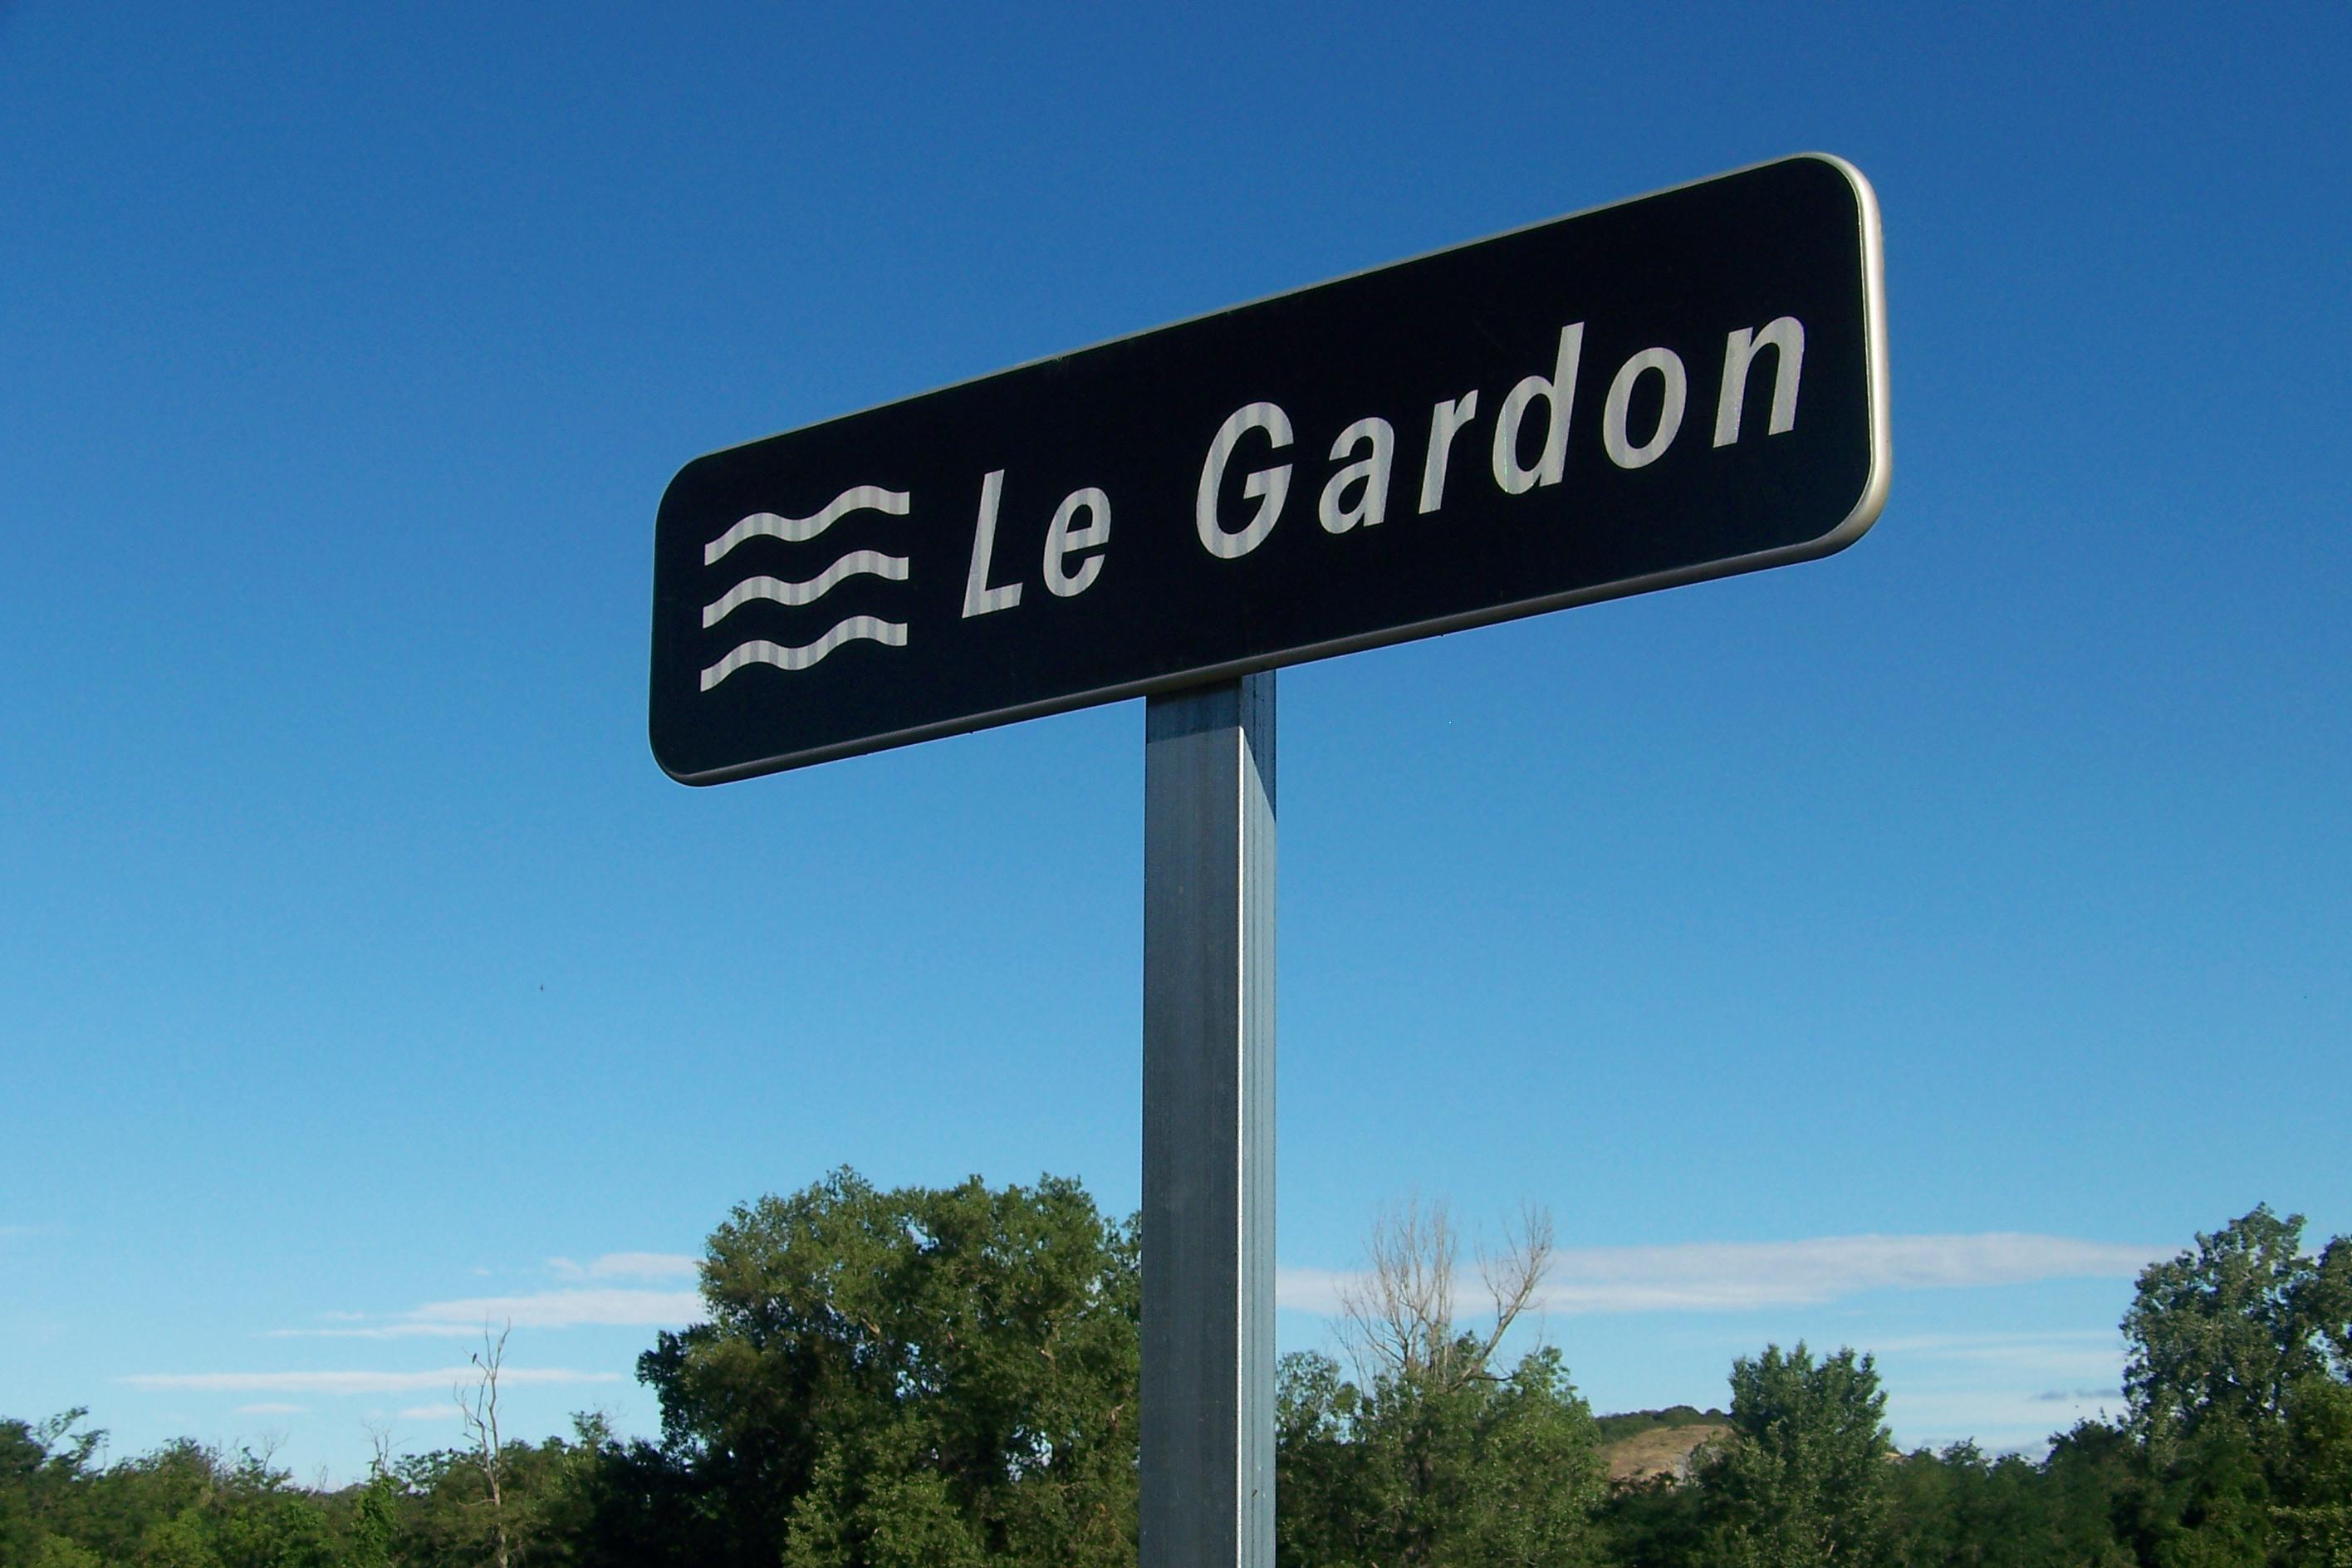 Panneau le Gardon, Ners